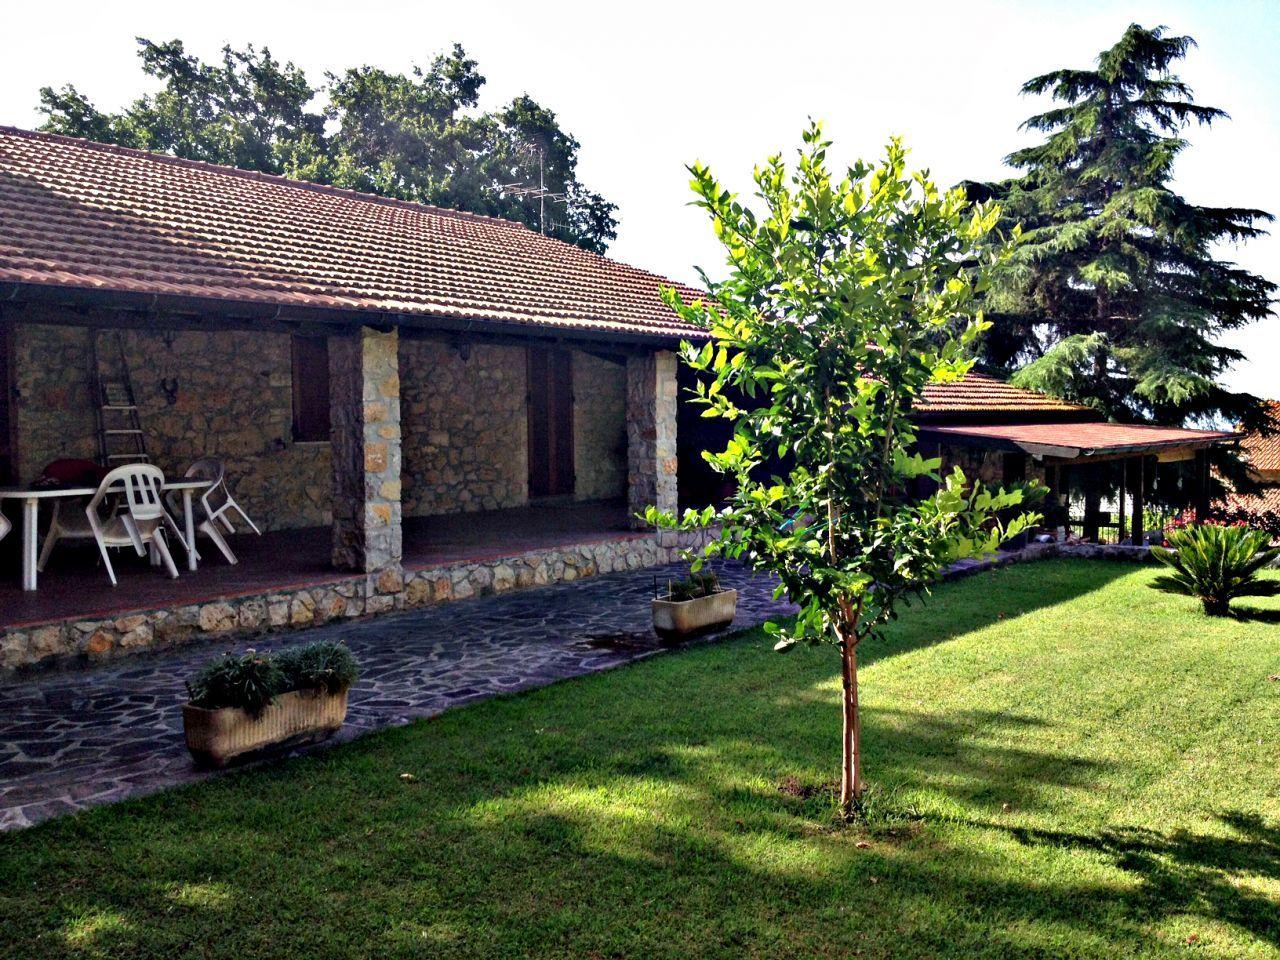 Rustico / Casale in vendita a Magliano in Toscana, 5 locali, prezzo € 345.000 | Cambio Casa.it